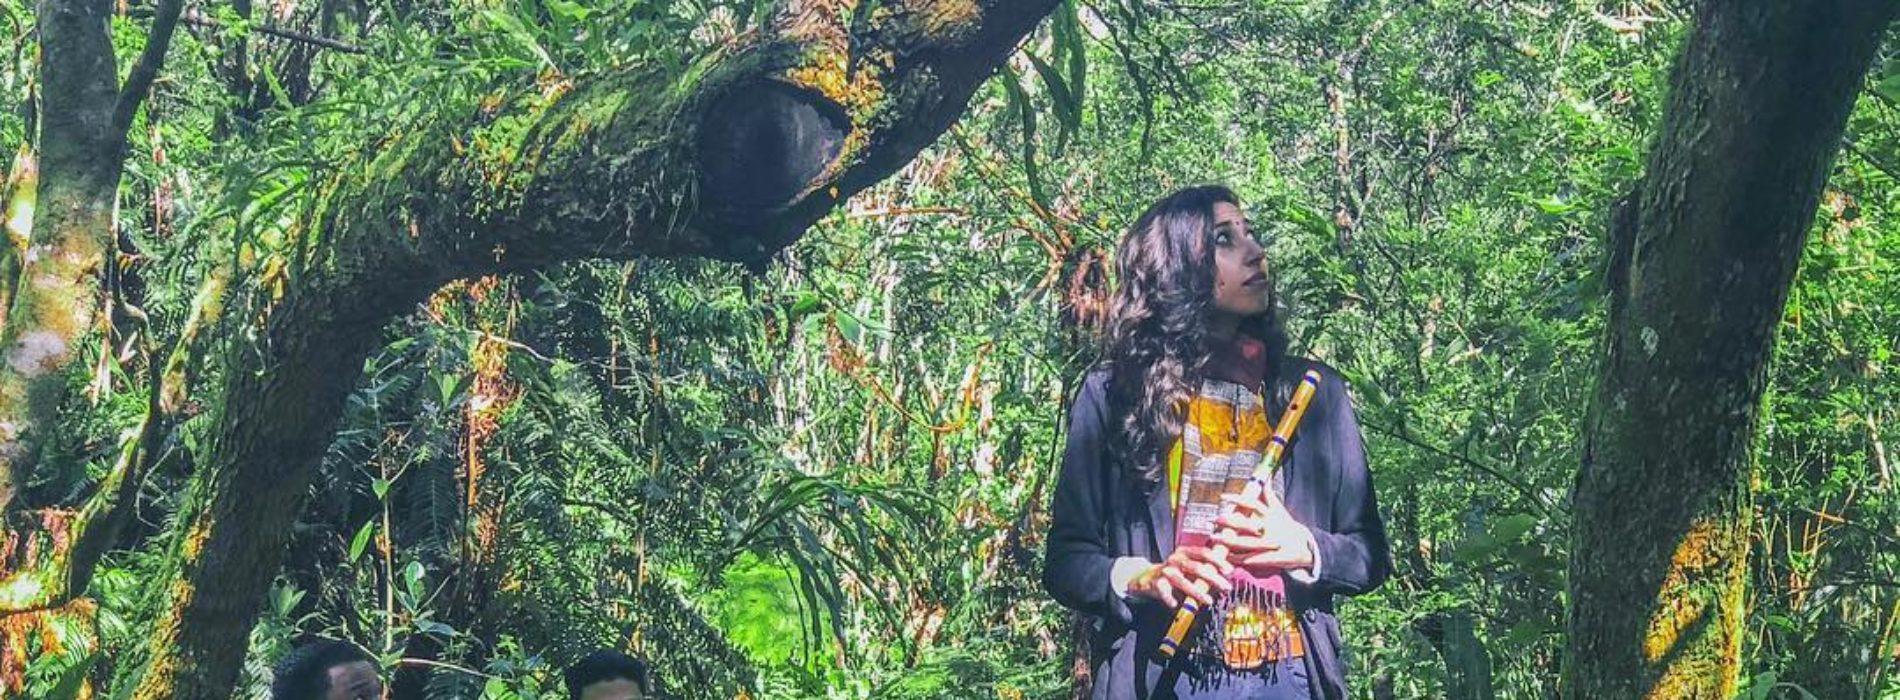 Kénaelle chante son bien vivre ensemble dans la fôret de Bébour [ LIVE SAUVAGE ]  – Octobre 2018